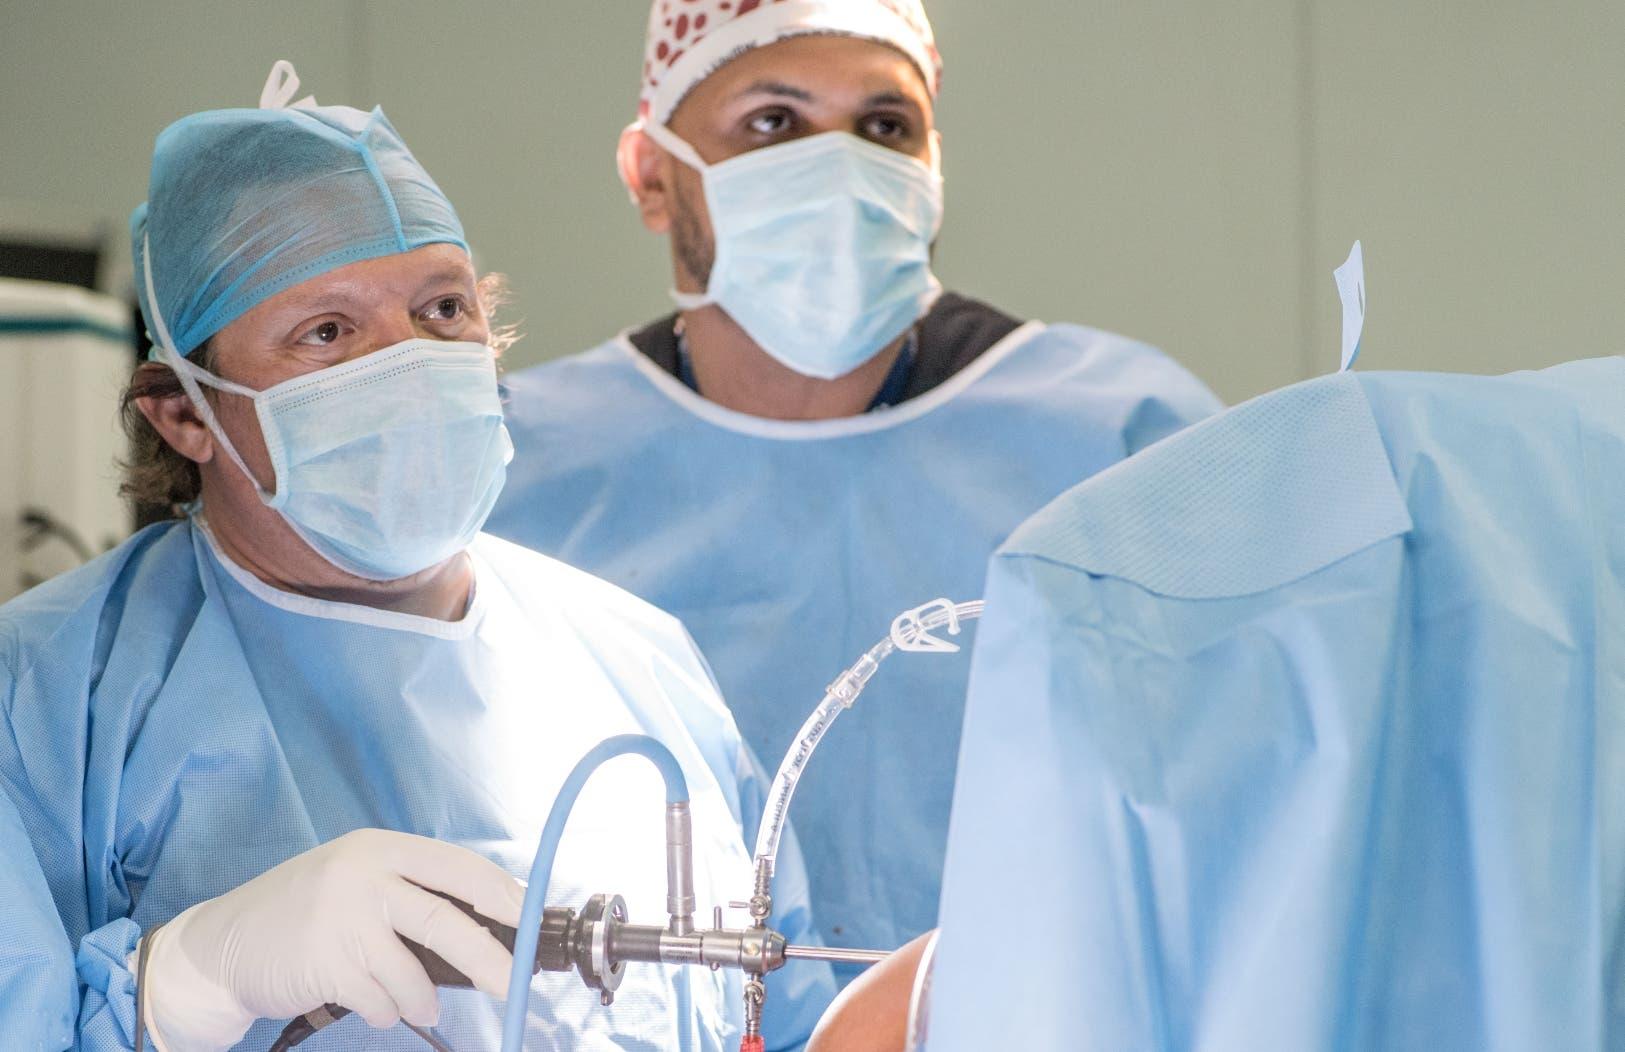 El galeno dijo que no siempre la prueba de imagen o la clínica  es similar a lo encontrado en la observación directa.